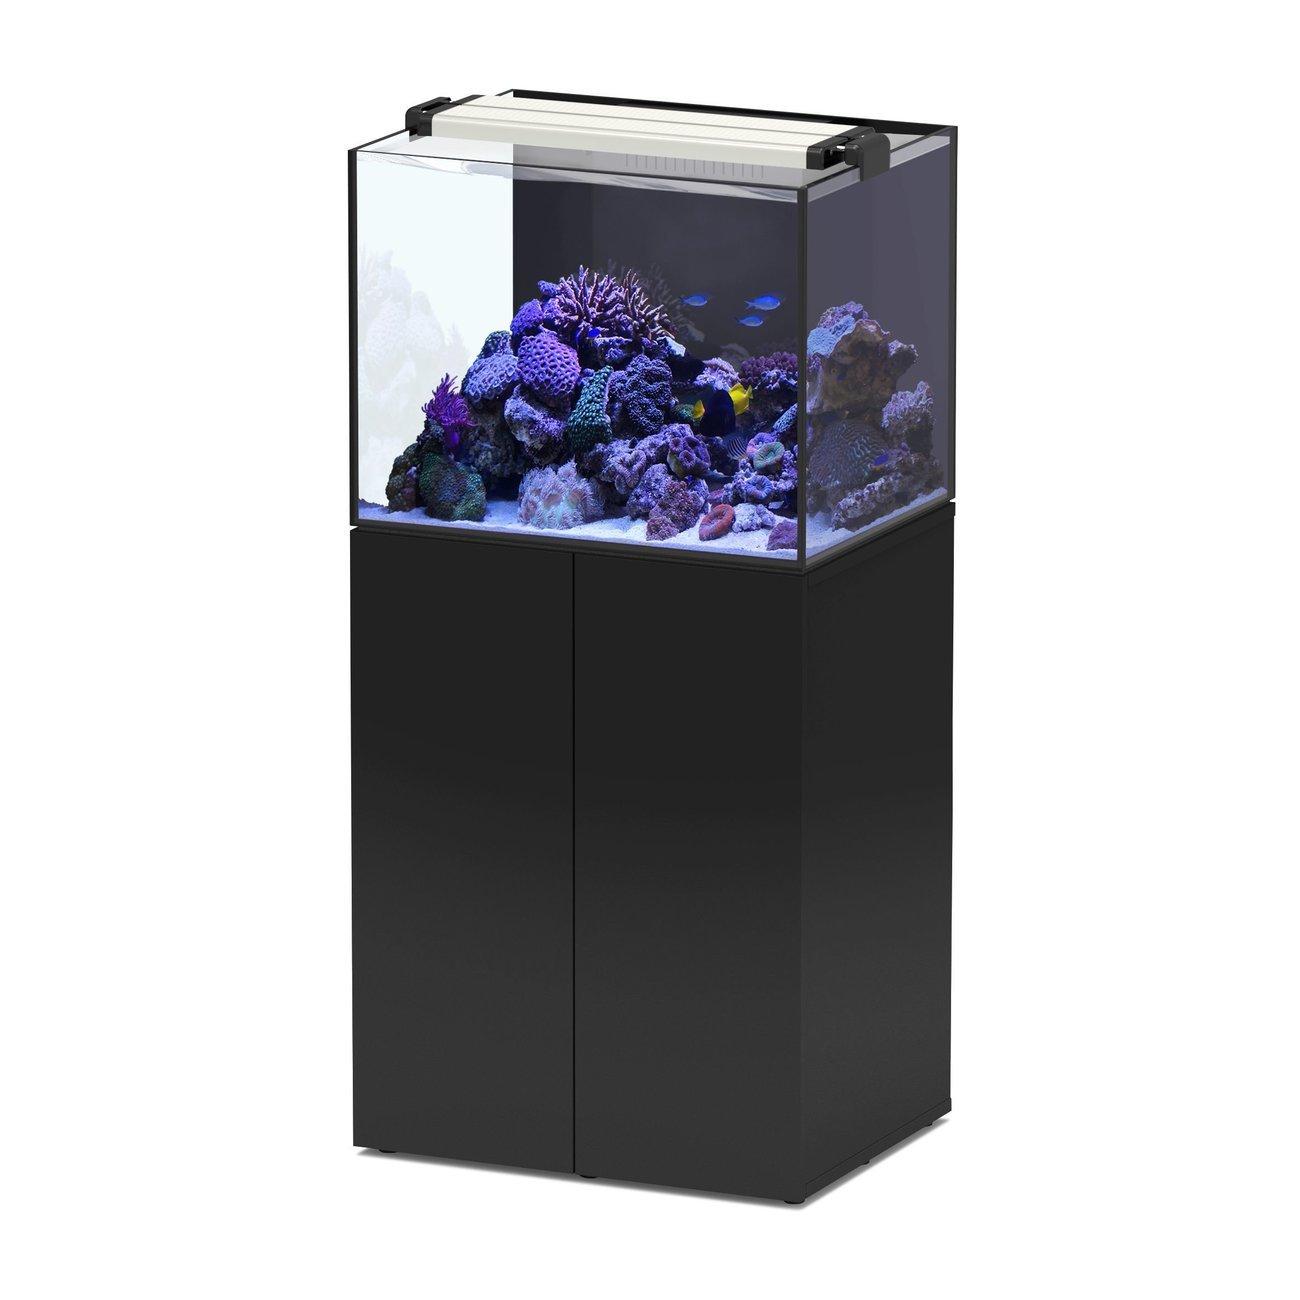 Aquatlantis AquaView 65 mit Unterschrank, Bild 3